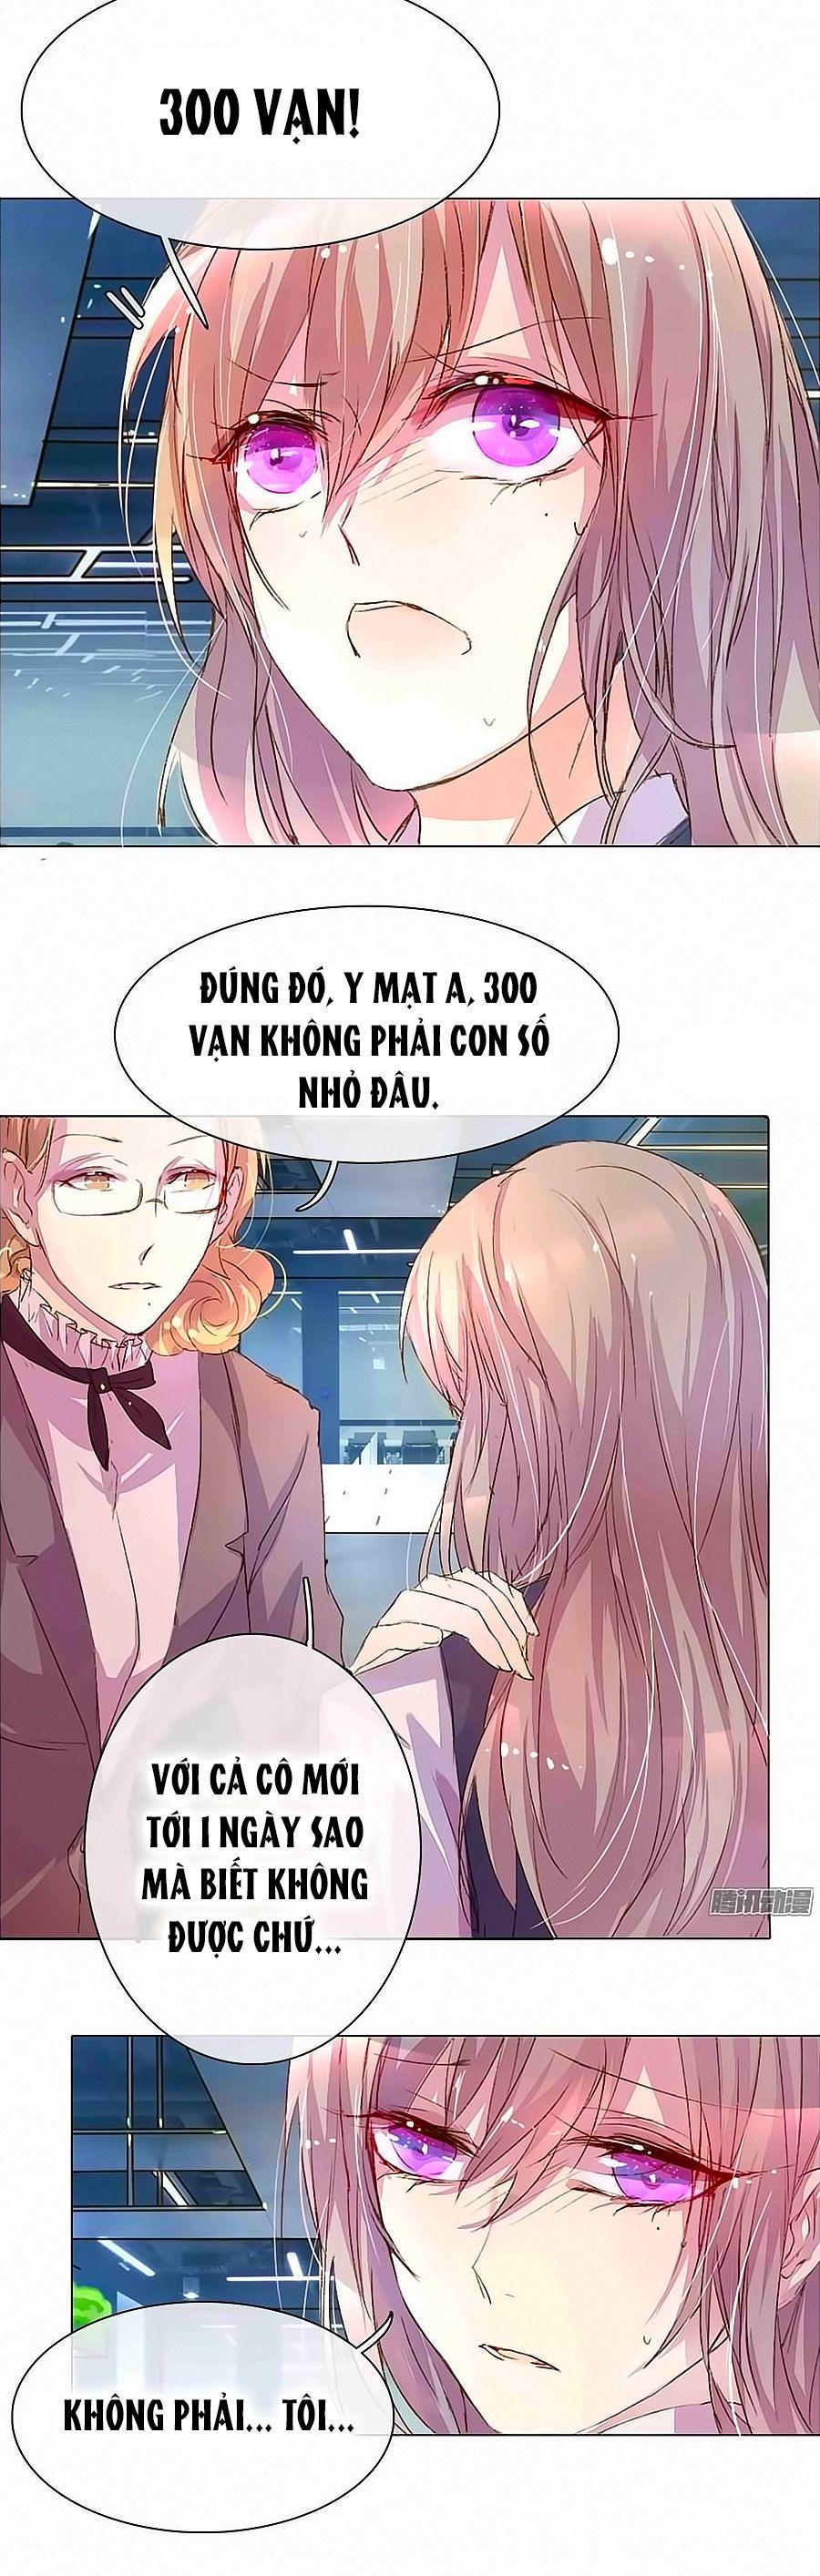 Hào Môn Tiểu Lãn Thê - Chap 15